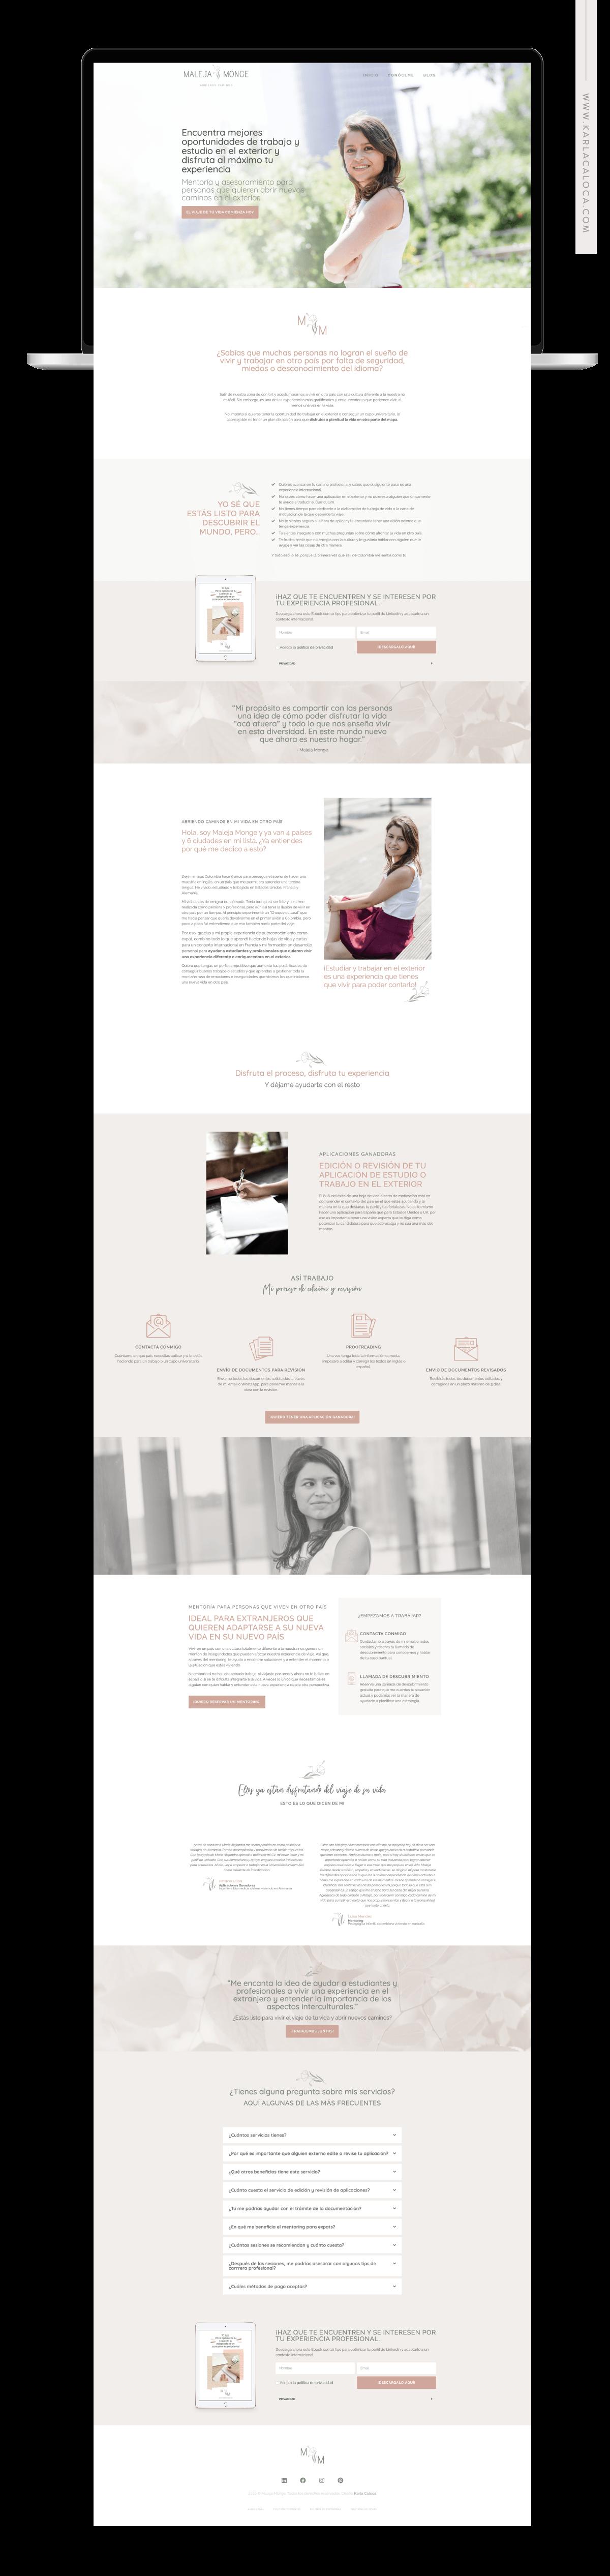 Maleja Monge es una mentora para profesionales y estudiantes que quieren vivir una experiencia diferente e enriquecedora en el exterior.